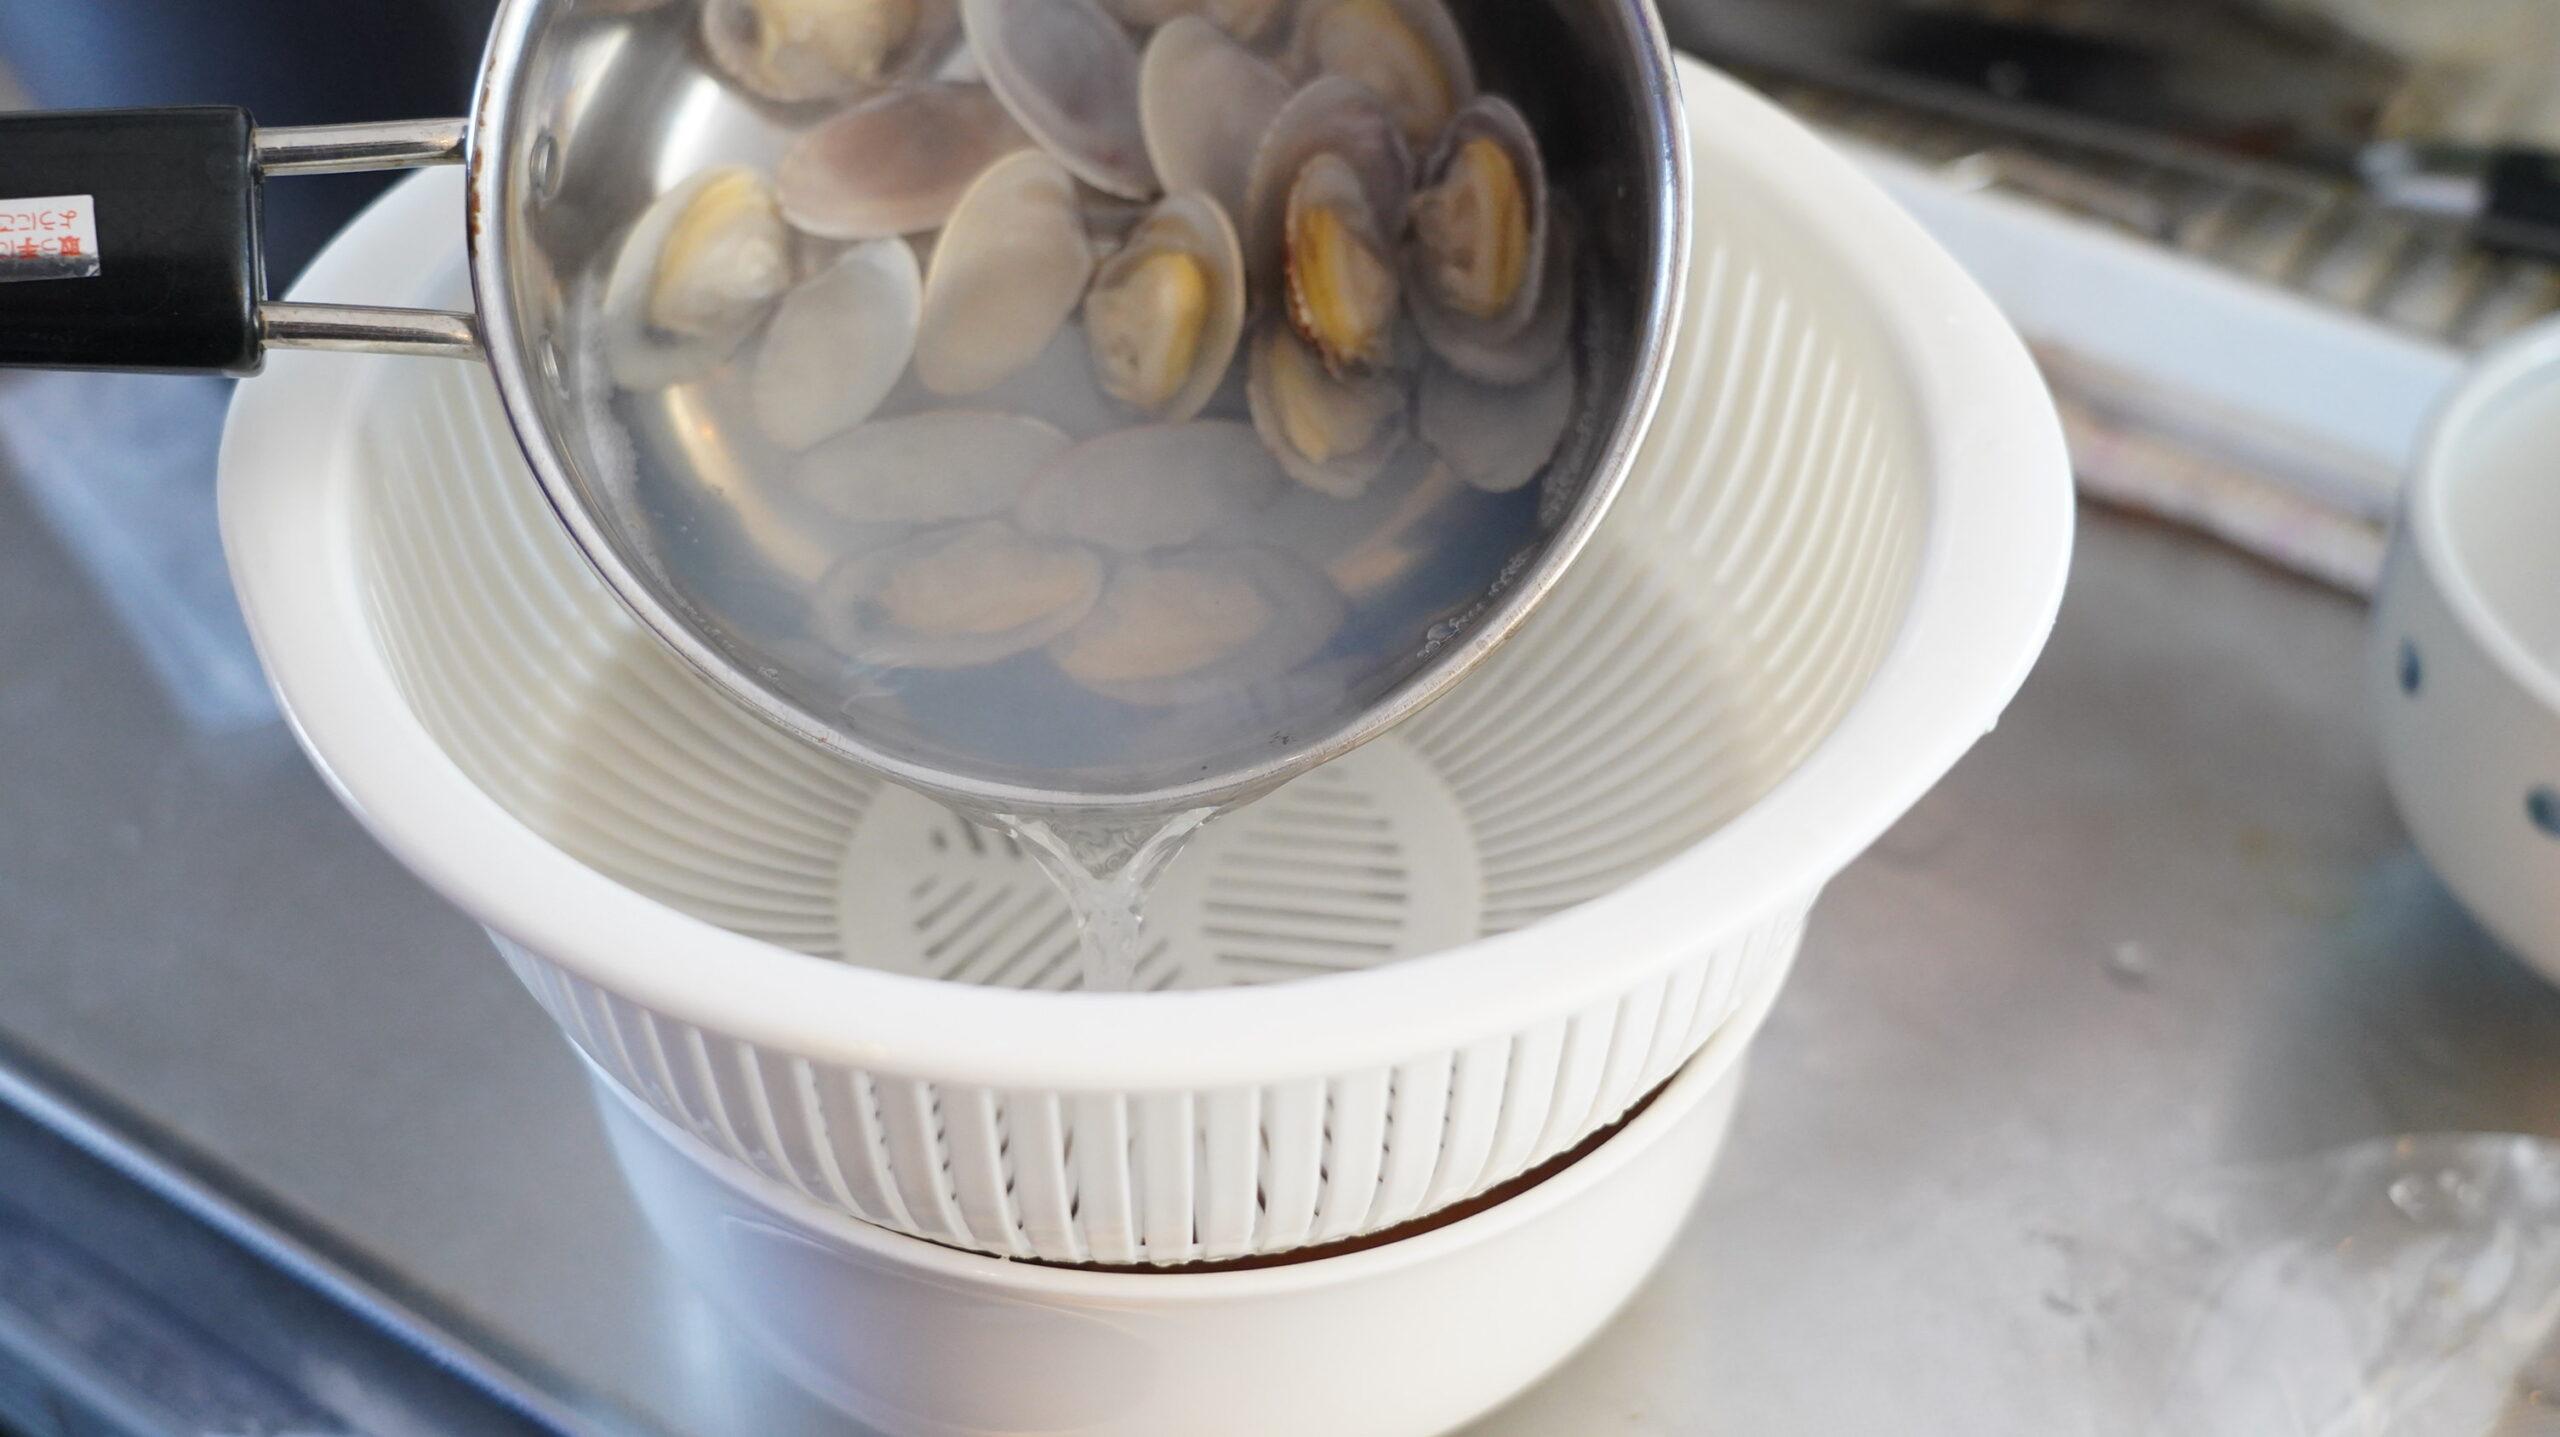 くそオヤジ最後のひとふりの「あさりラーメン」のオンライン通販・お取り寄せ用の冷凍食品のタレを丼に注いでいる写真